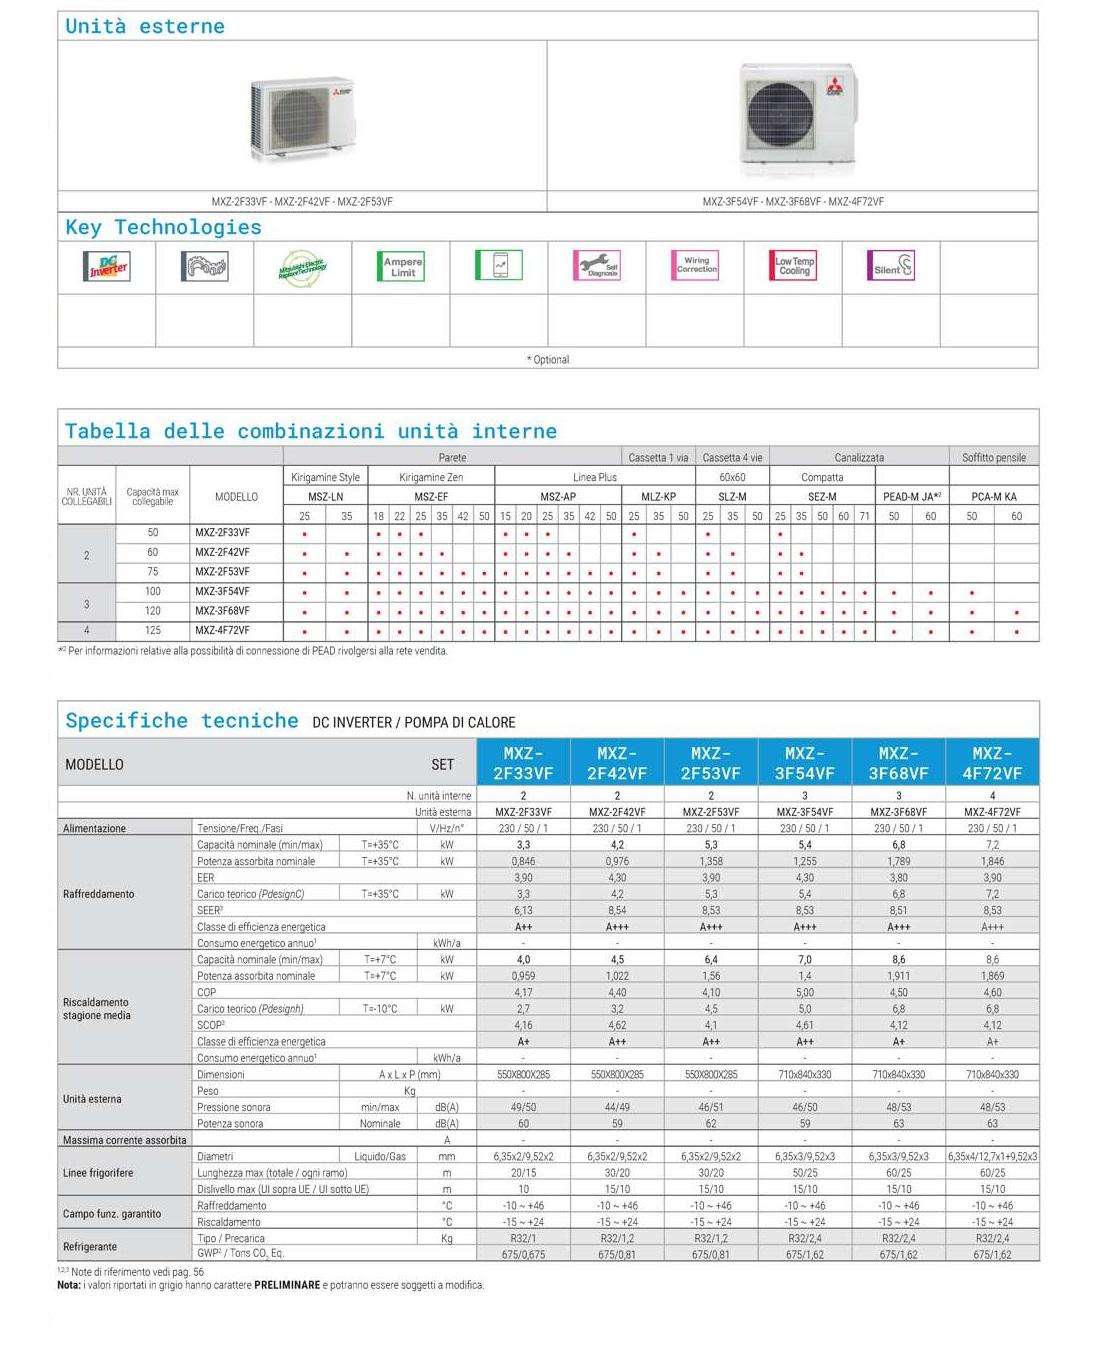 Condizionatore Mitsubishi Trial Split 9000+9000+9000 Btu Nero Onice